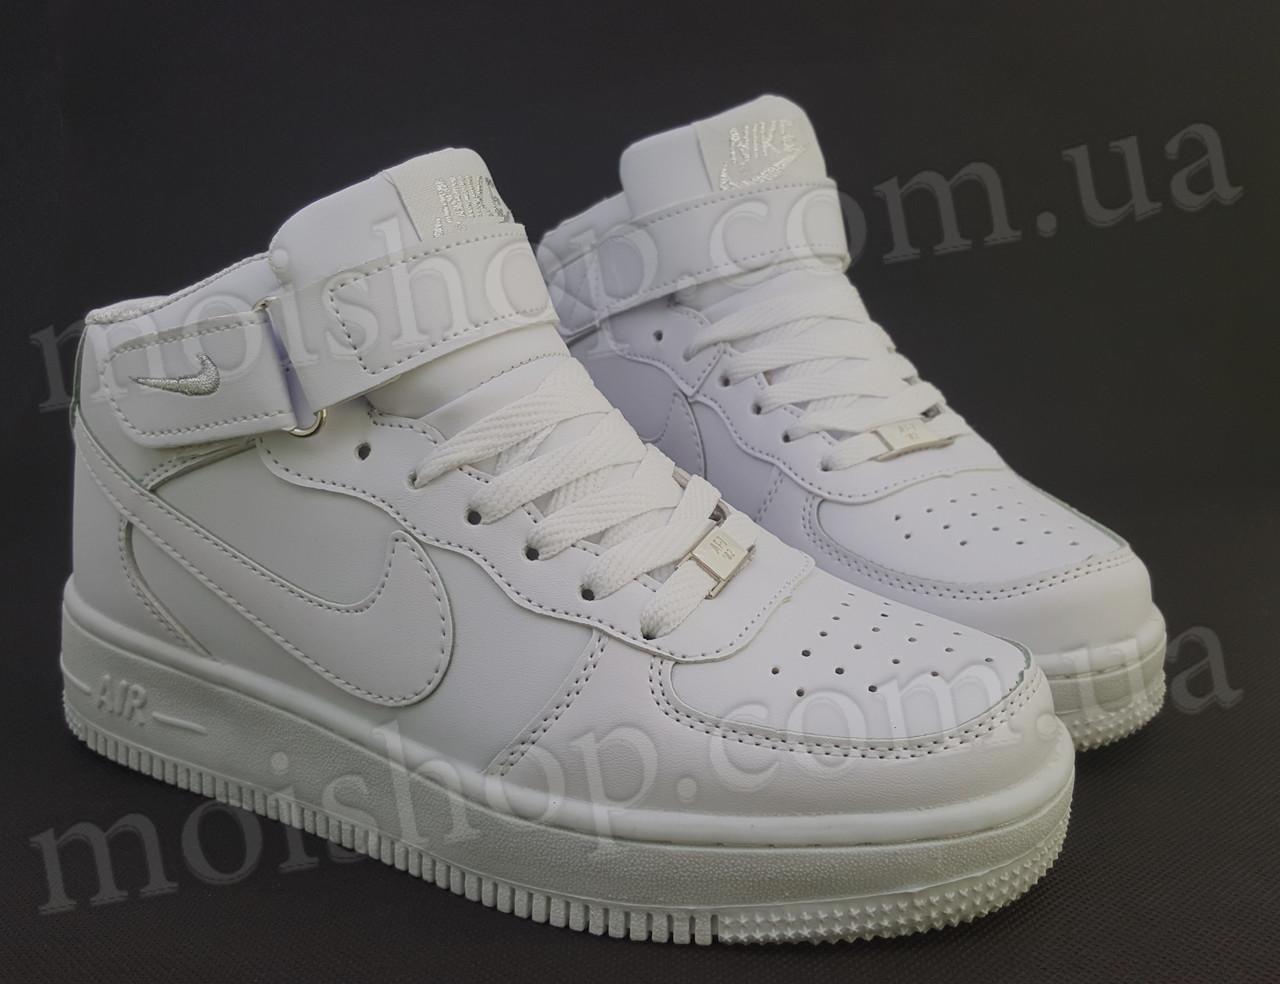 Кроссовки Nike Air Force высокие, белые